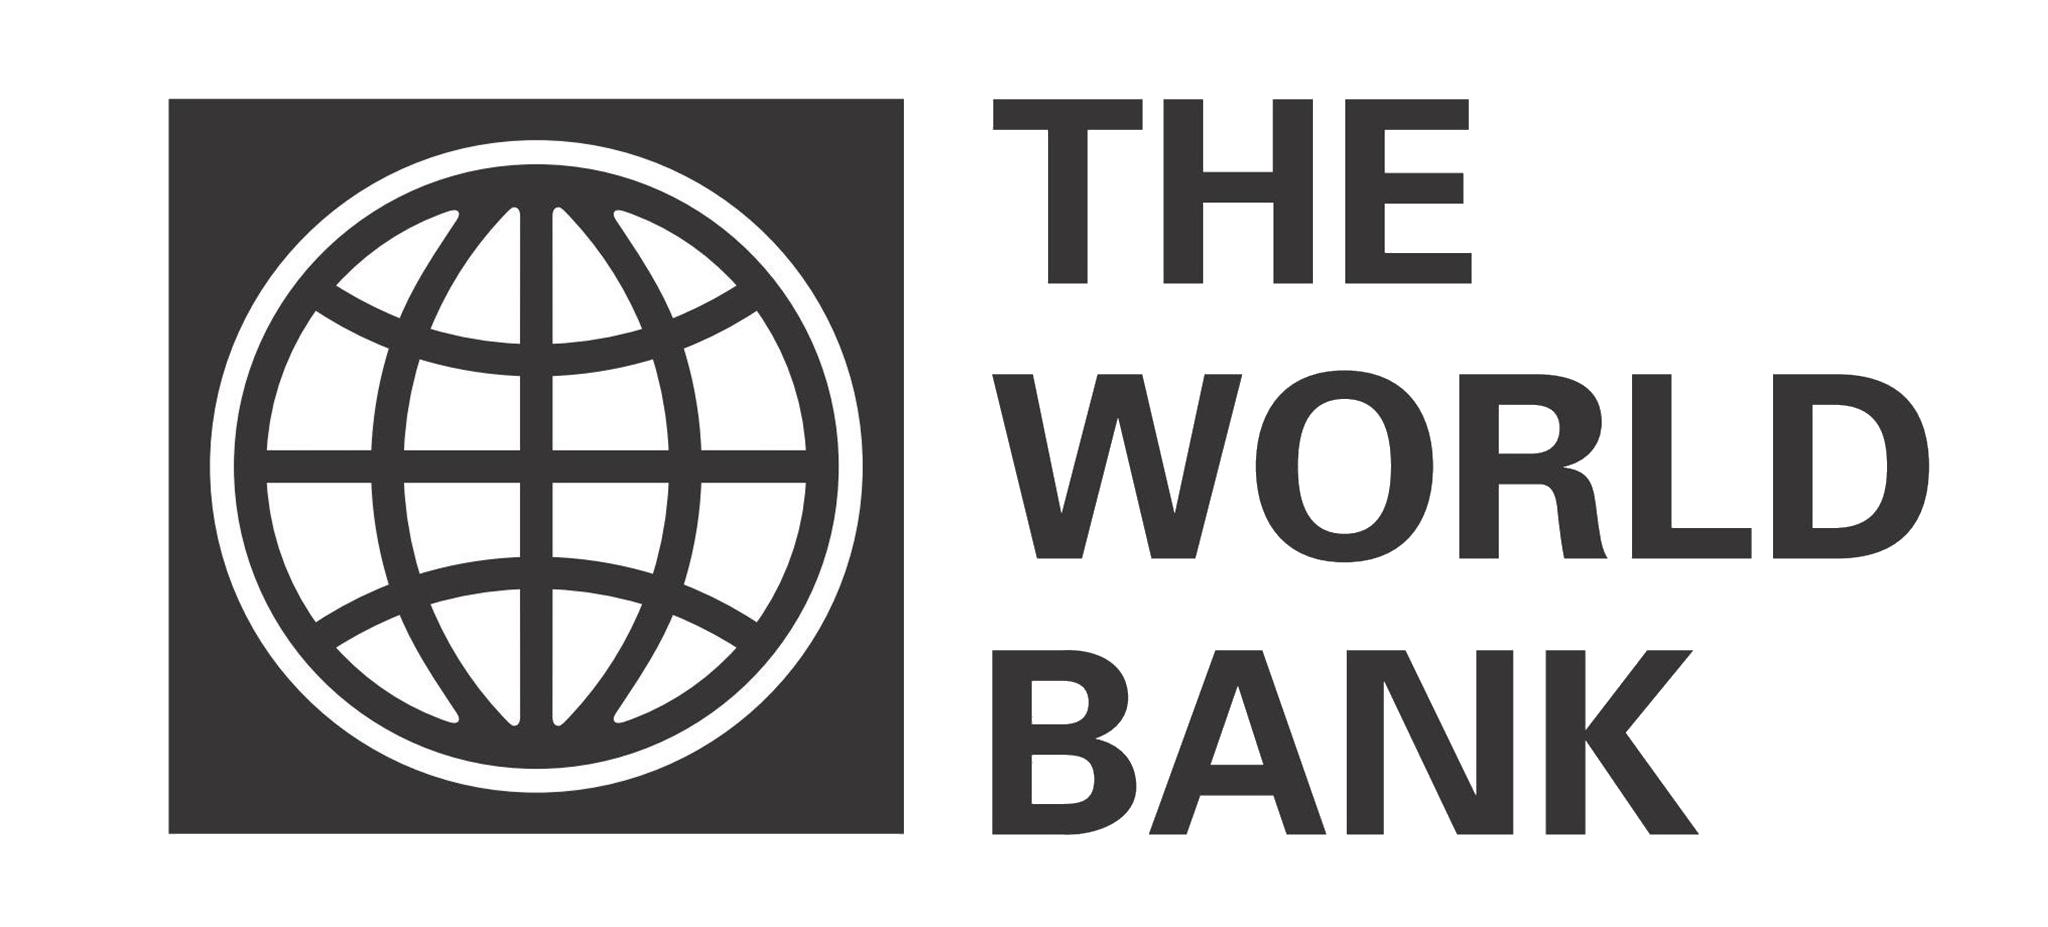 SENEGAL : La Banque mondiale met en garde contre tout retard dans l'exécution des programmes